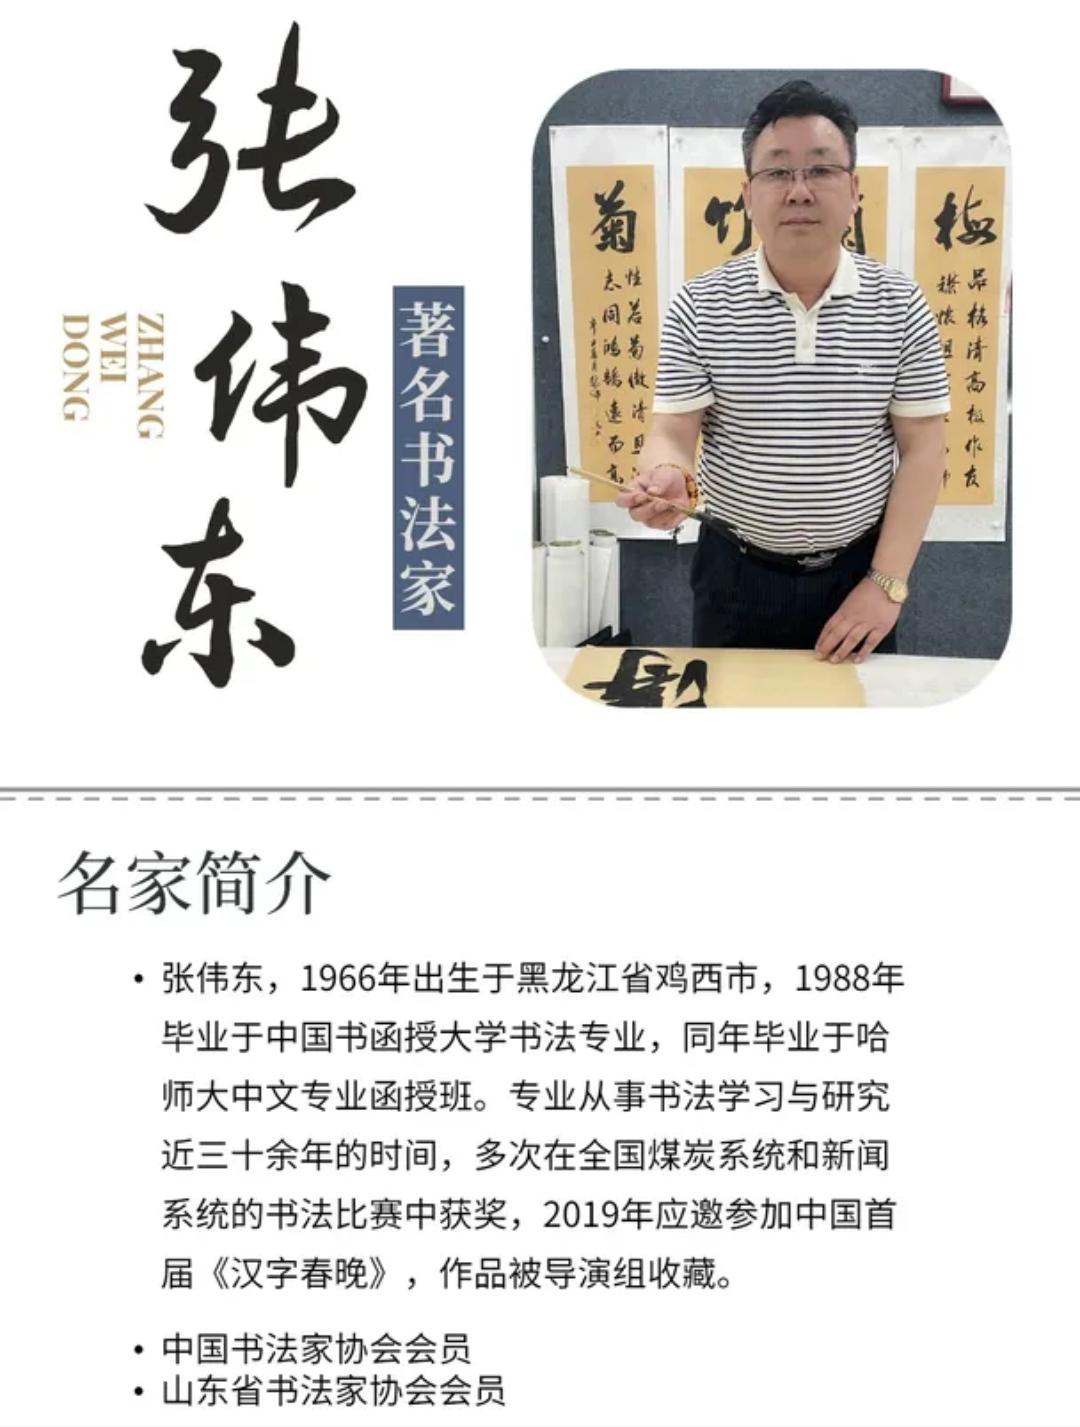 中国书法家协会张伟东老师为《忠孝茗茶》题名